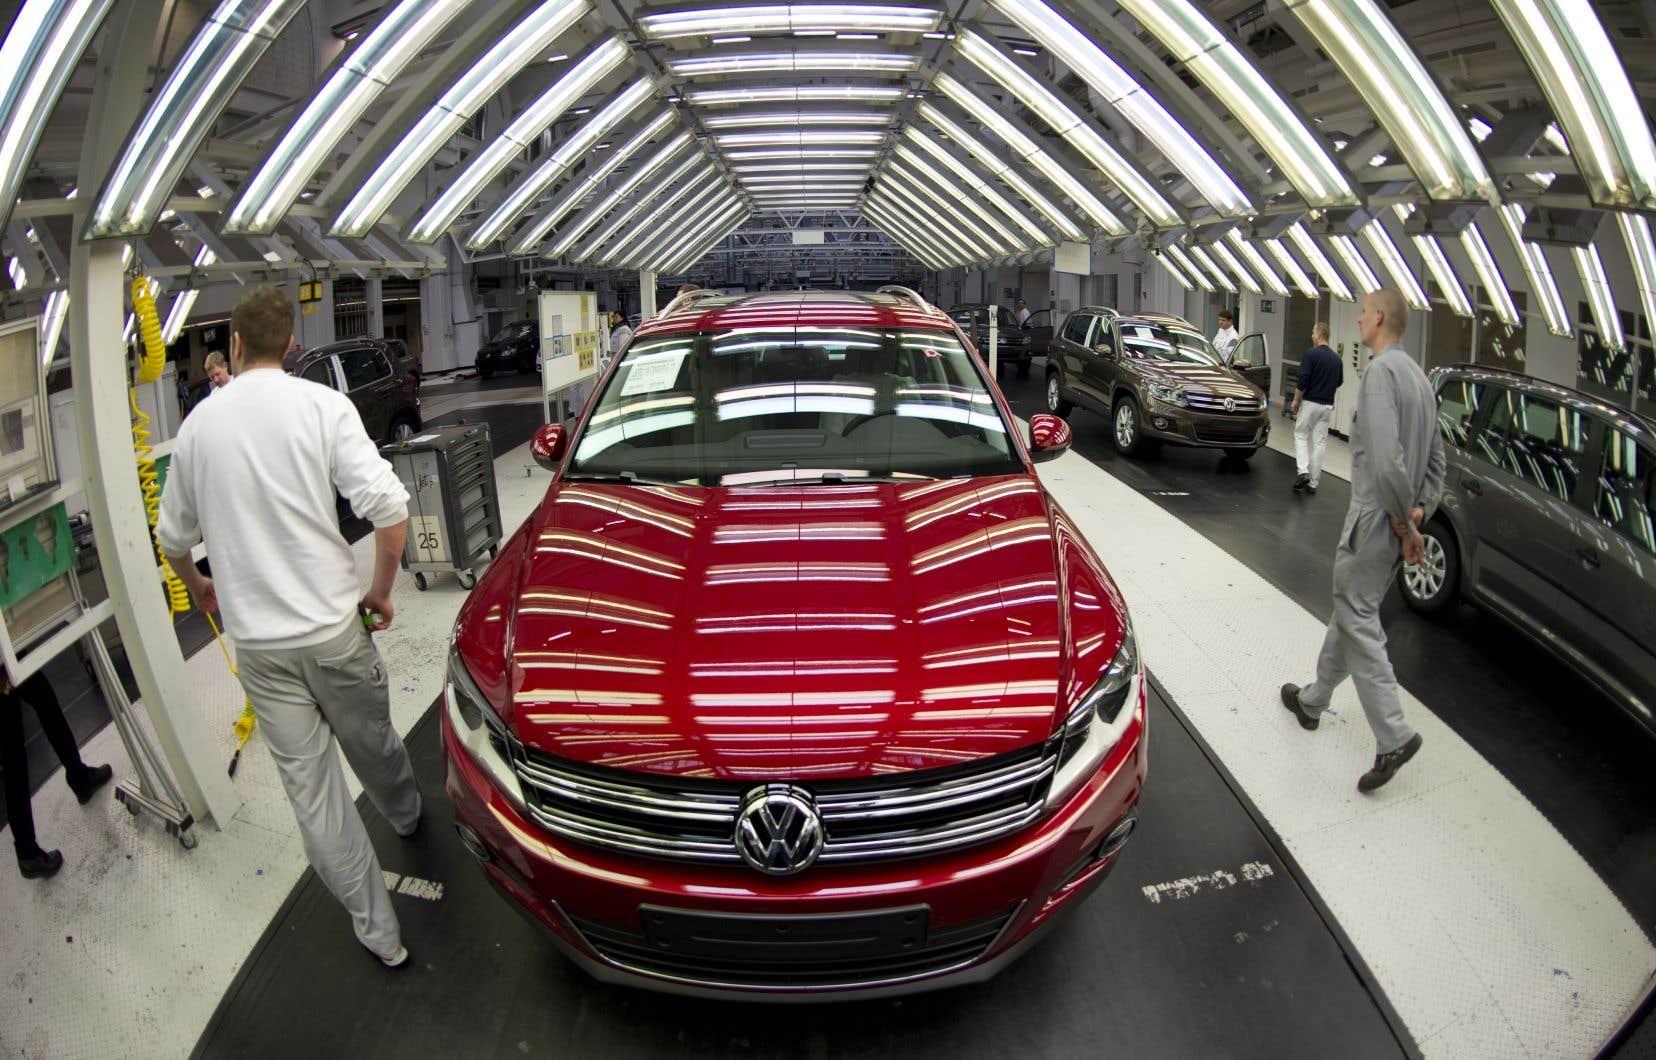 Des employés de Volkswageninspectent une voiture sortant d'une ligne d'assemblage en Allemagne.